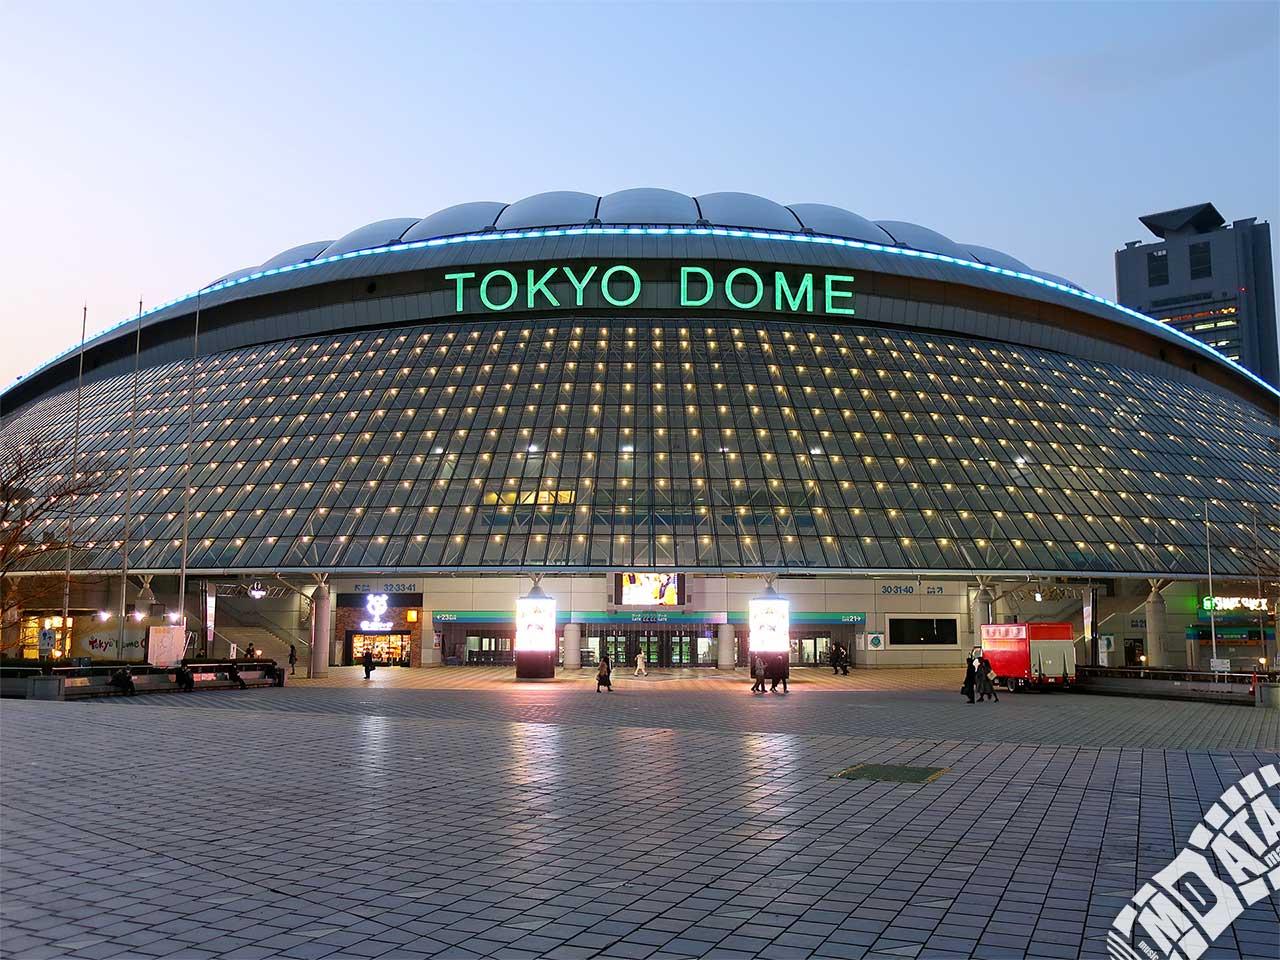 東京ドームの写真 撮影日:2019/3/5 Photo taken on 2019/03/05